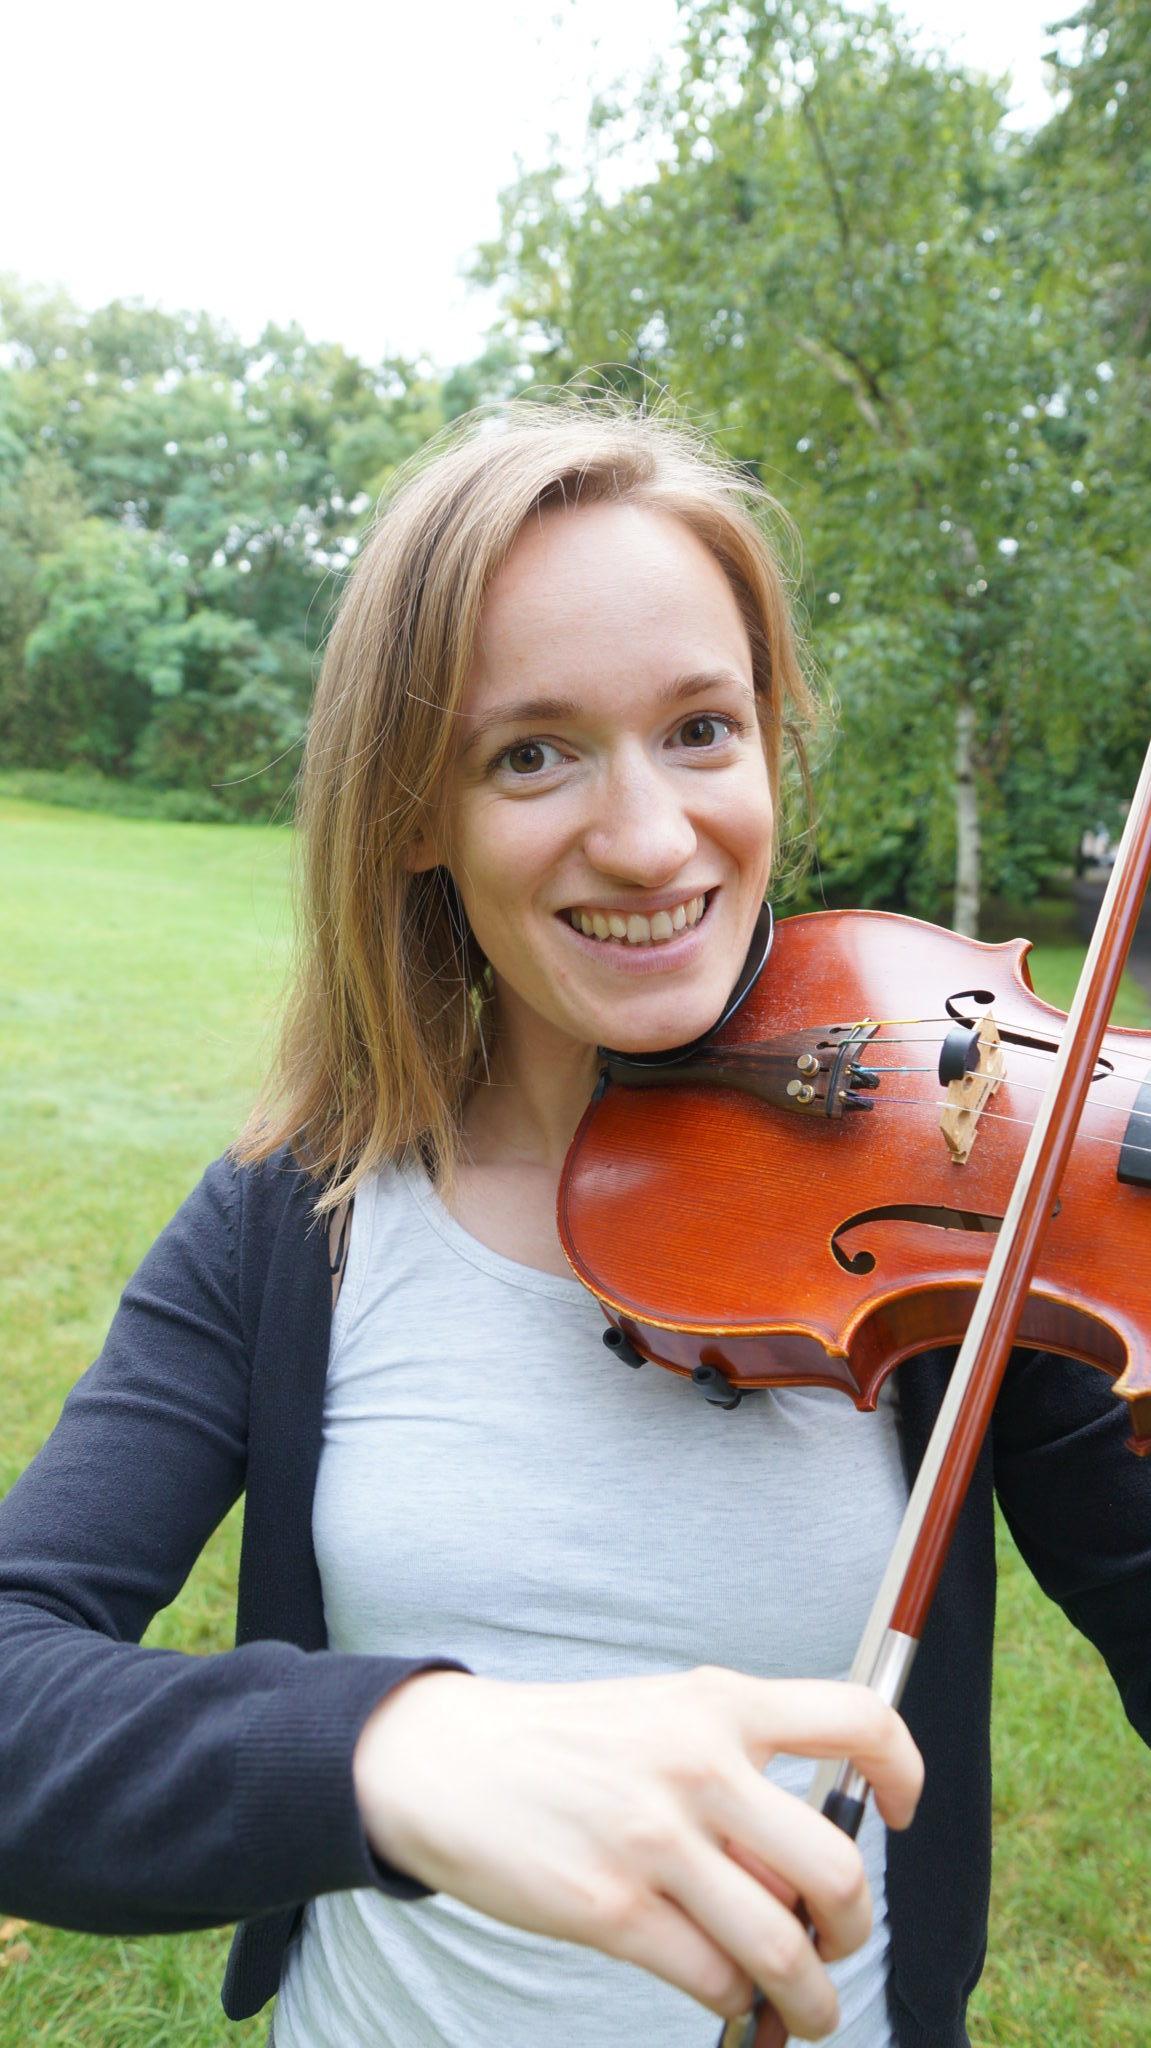 Violinspiration Online Violin Lessons